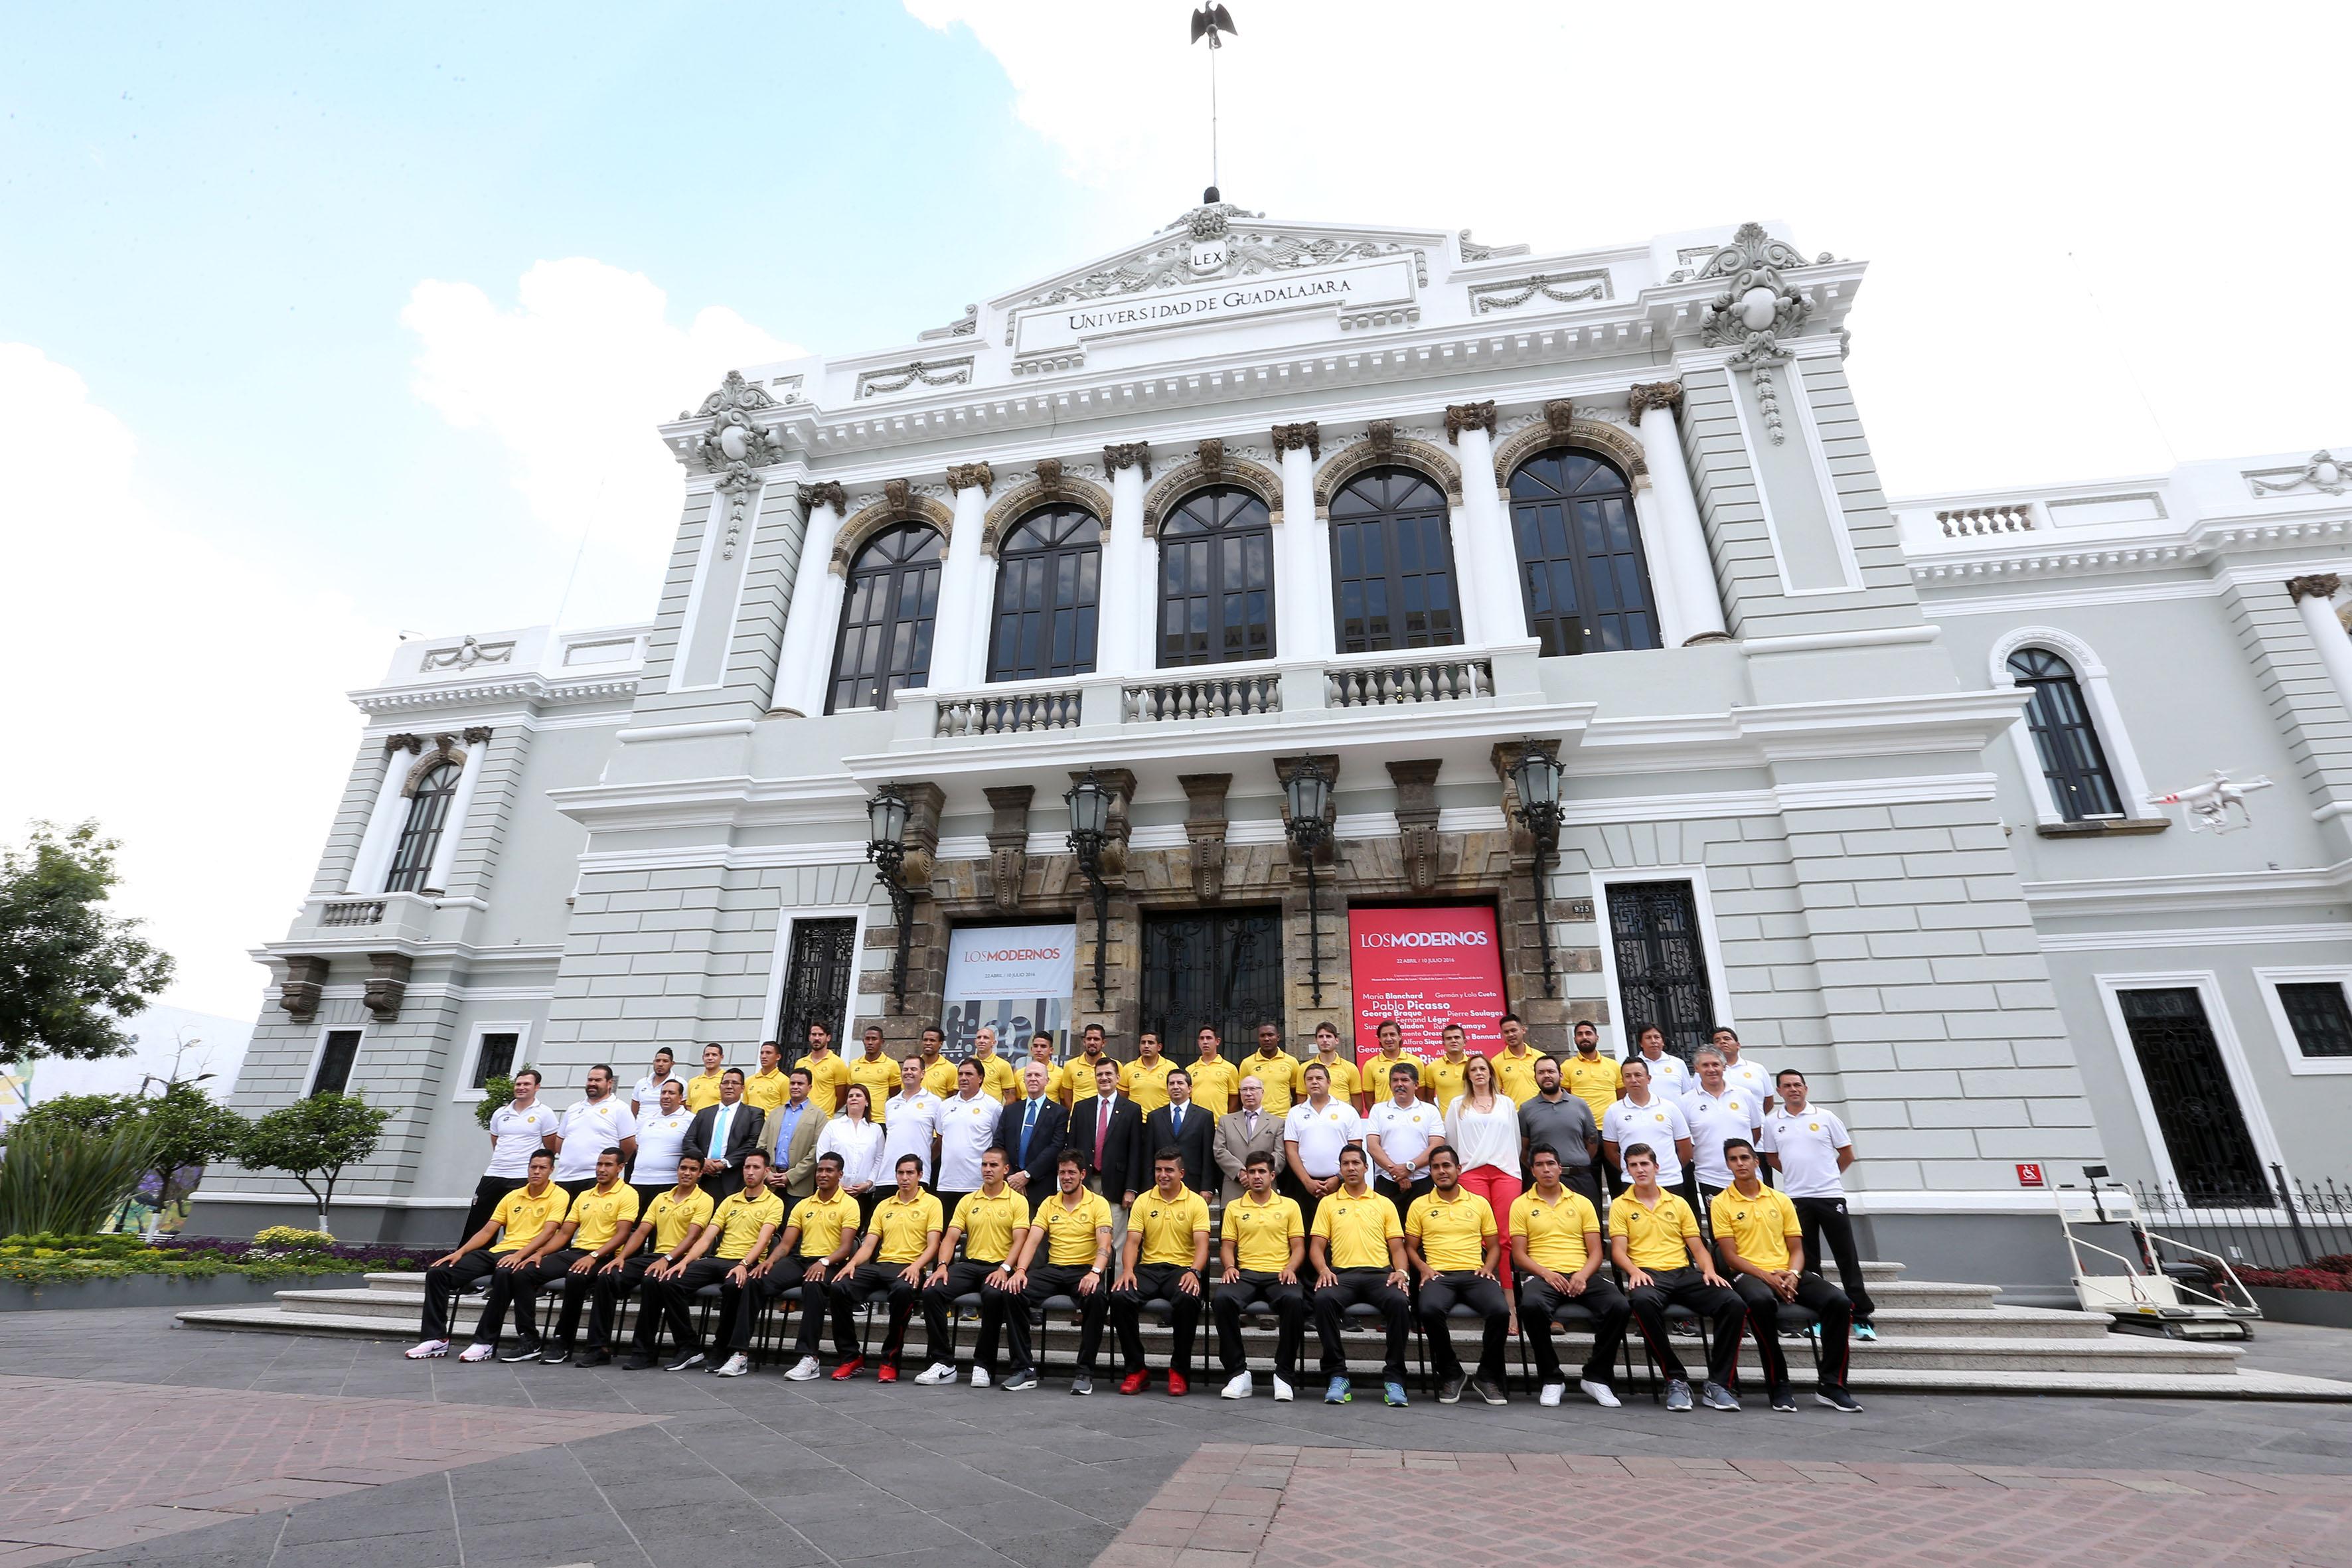 Equipo de leones negros y autoridades universitarias, posando para fotografia oficial frente al edificio antiguo de rectoria